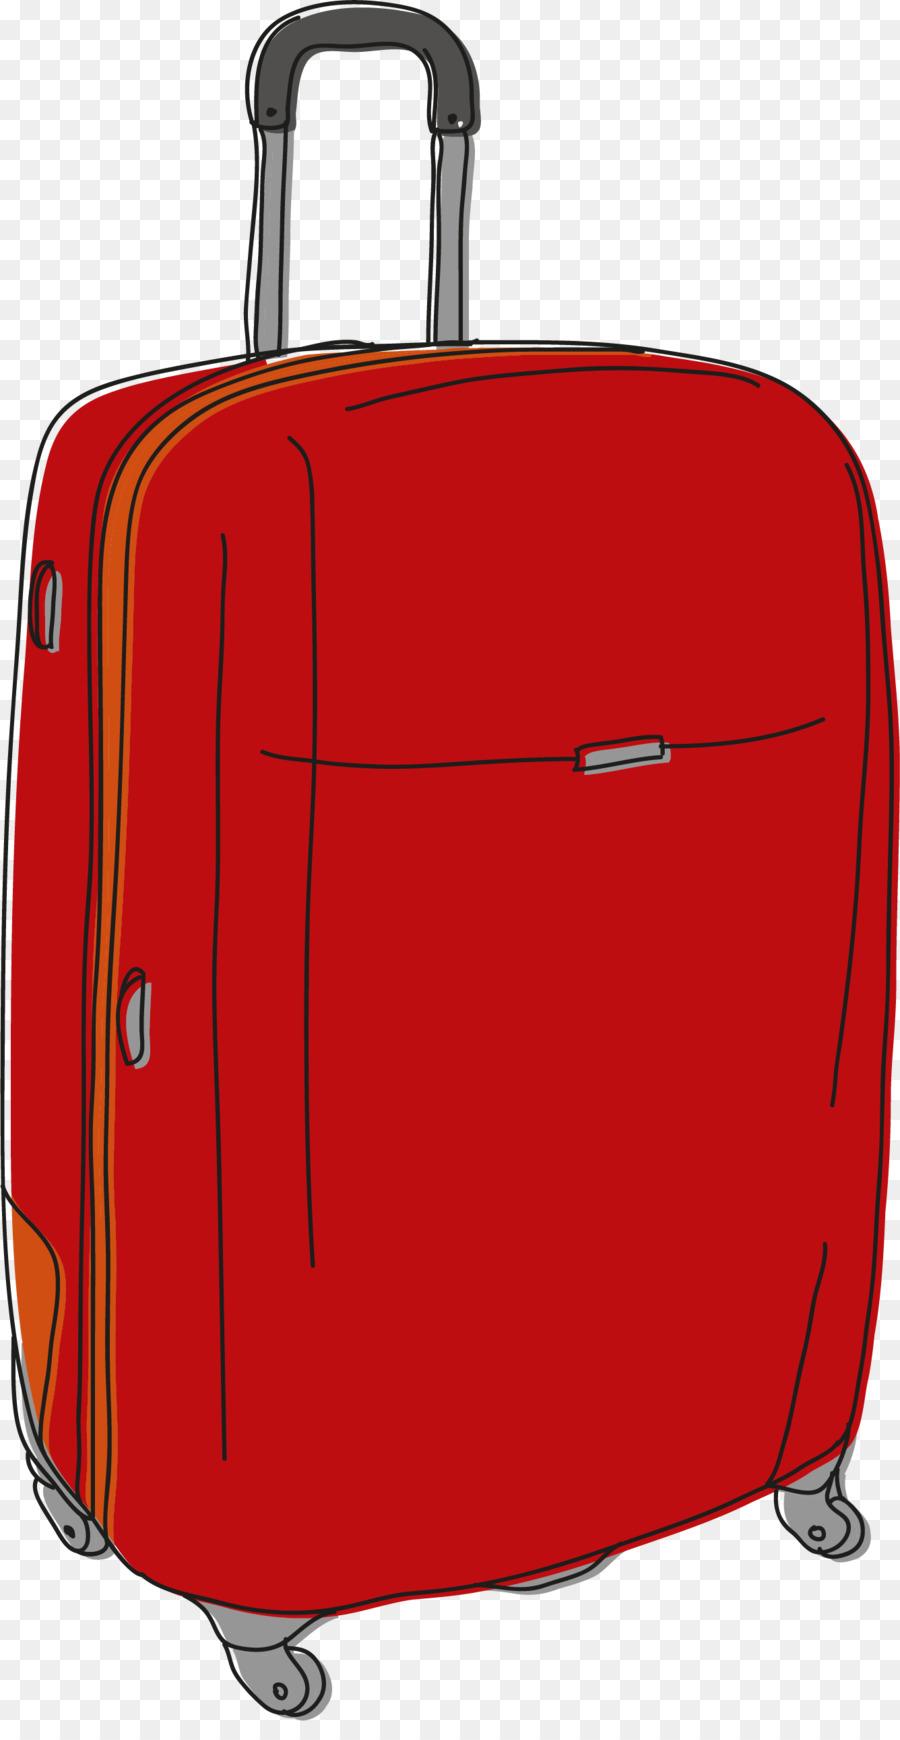 лори картинка мультяшный чемодан статья